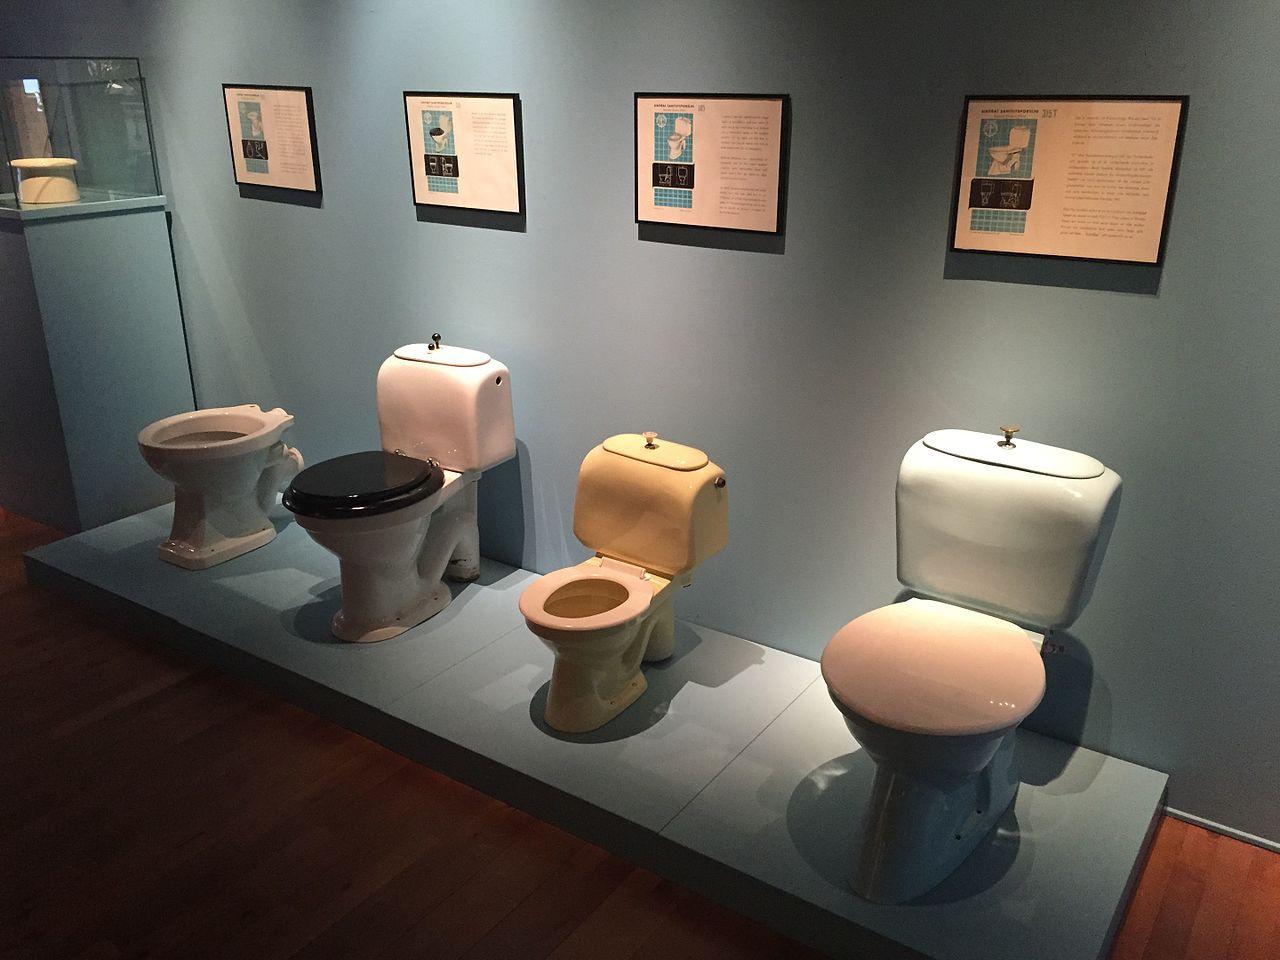 File:Gustavsbergs toaletter.jpg - Wikimedia Commons